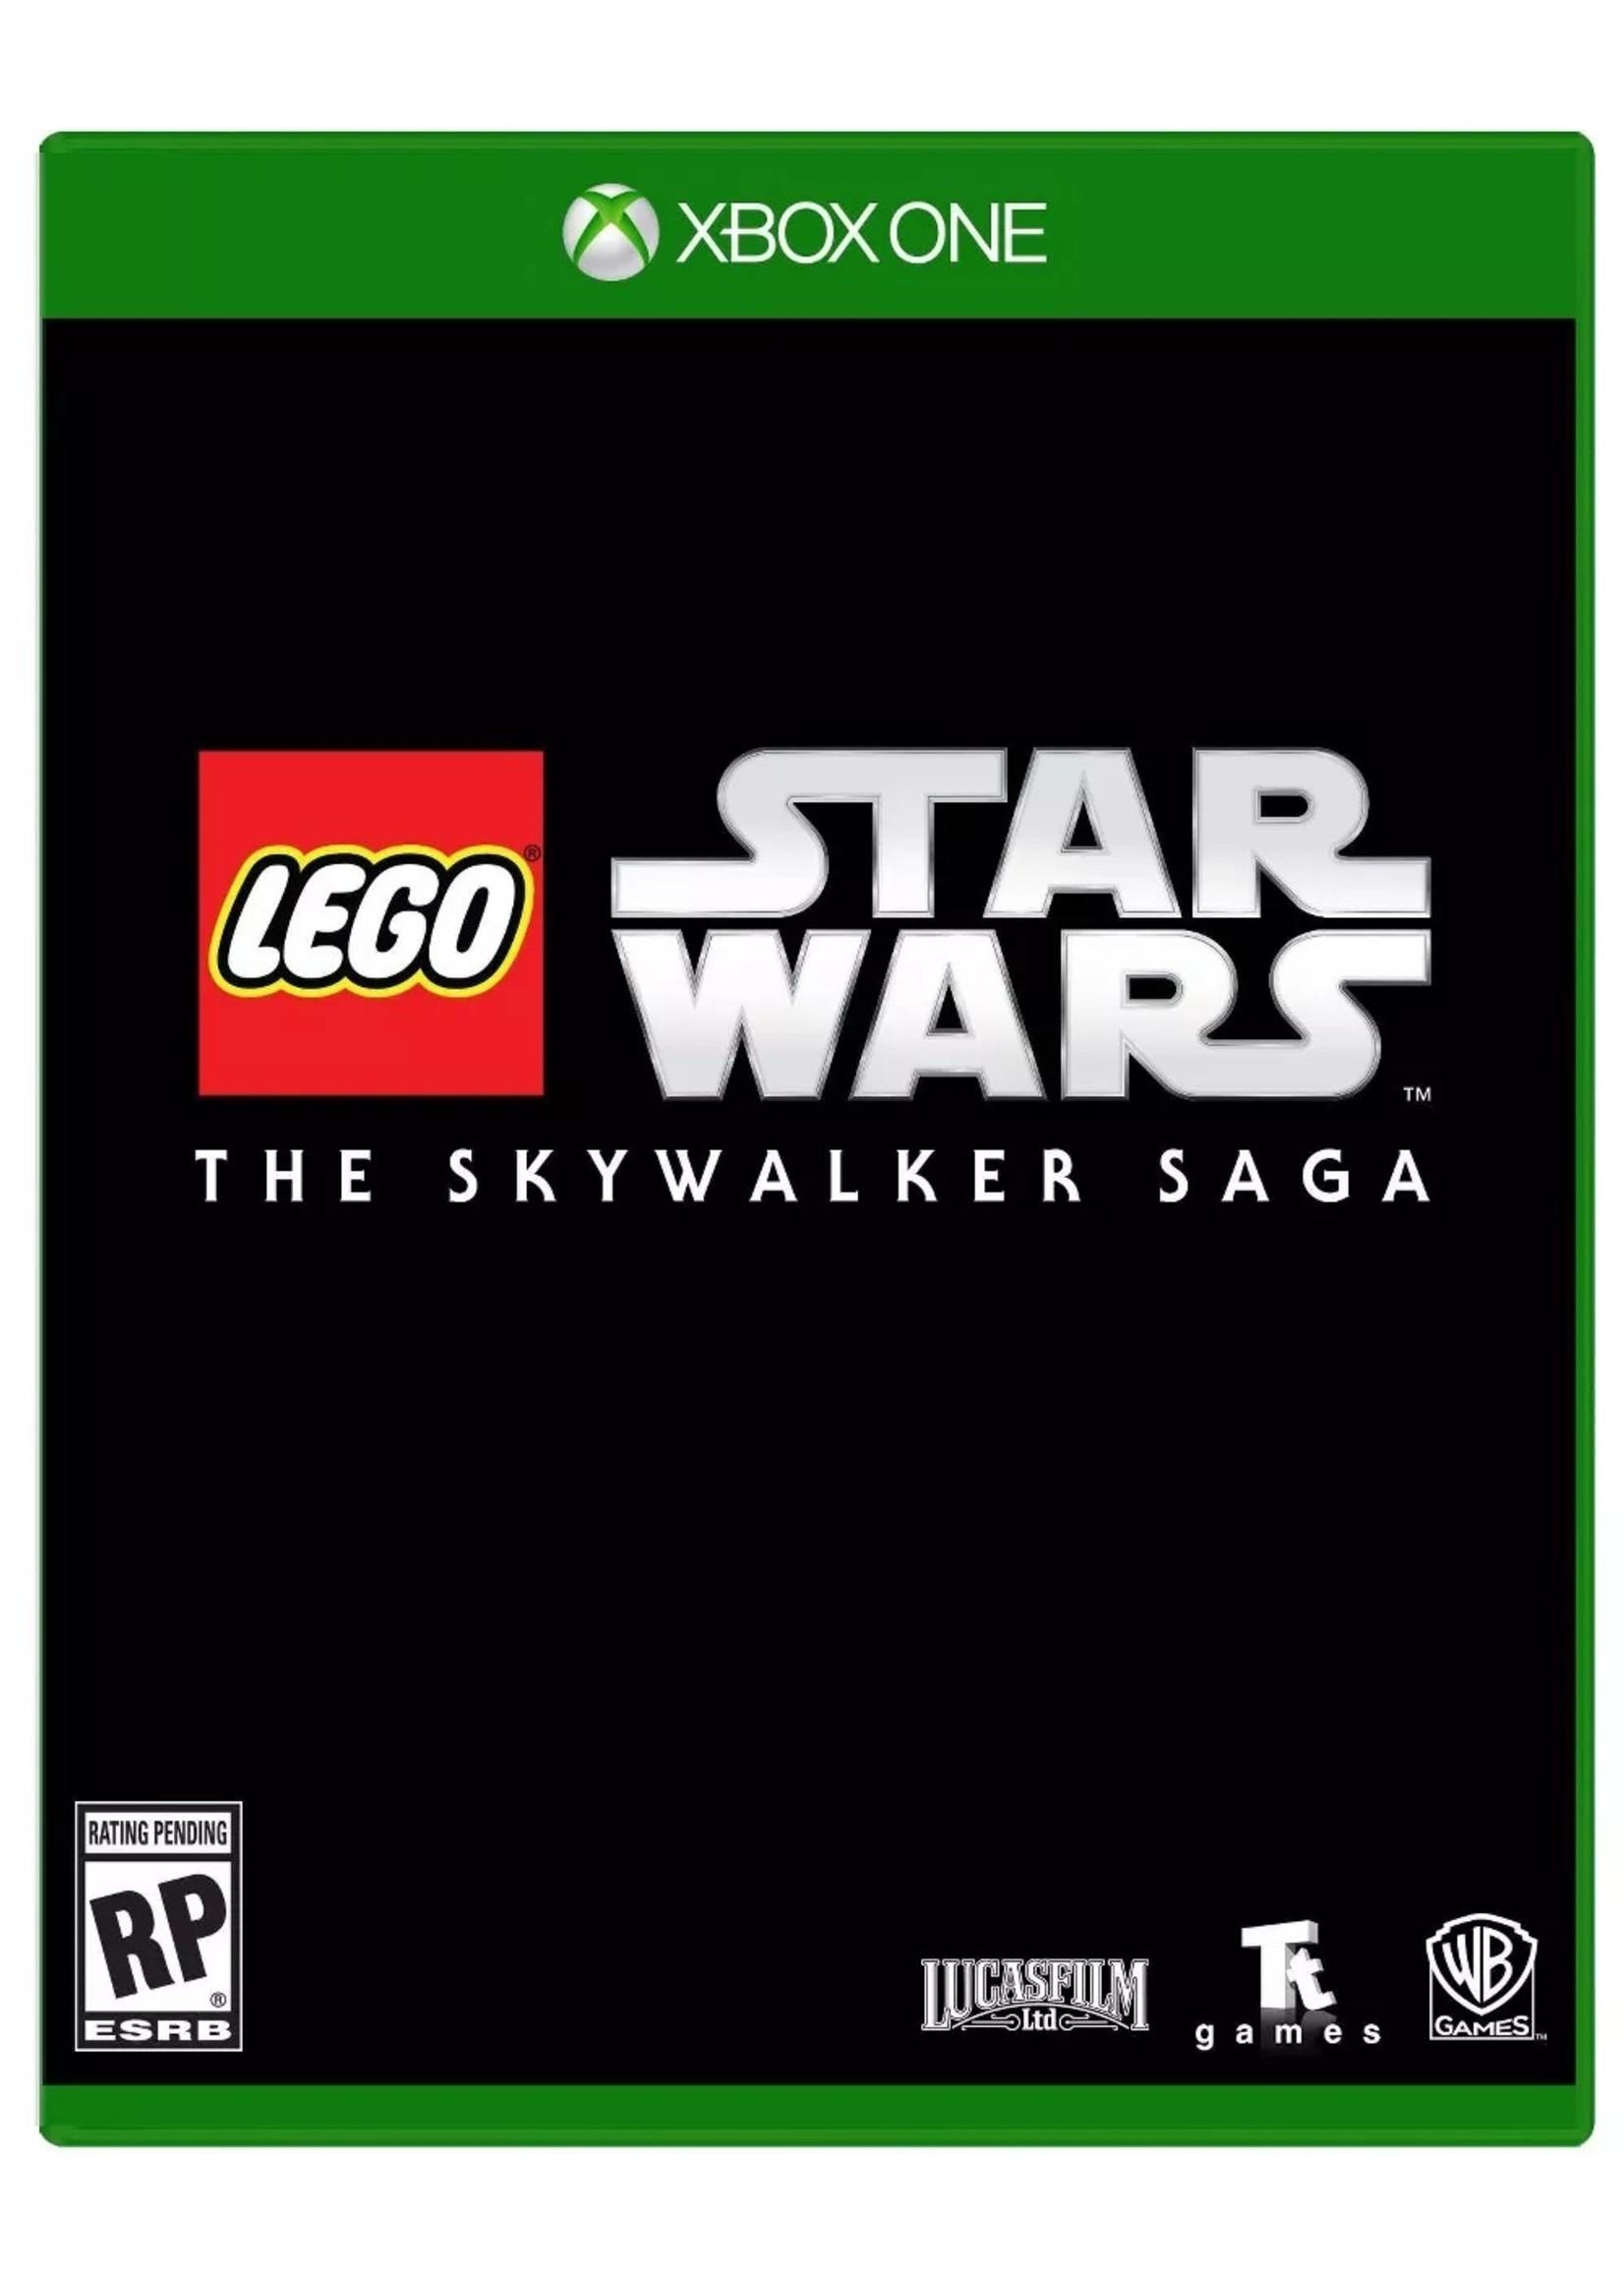 LEGO Star Wars: The Skywalker Saga - XBOne NEW